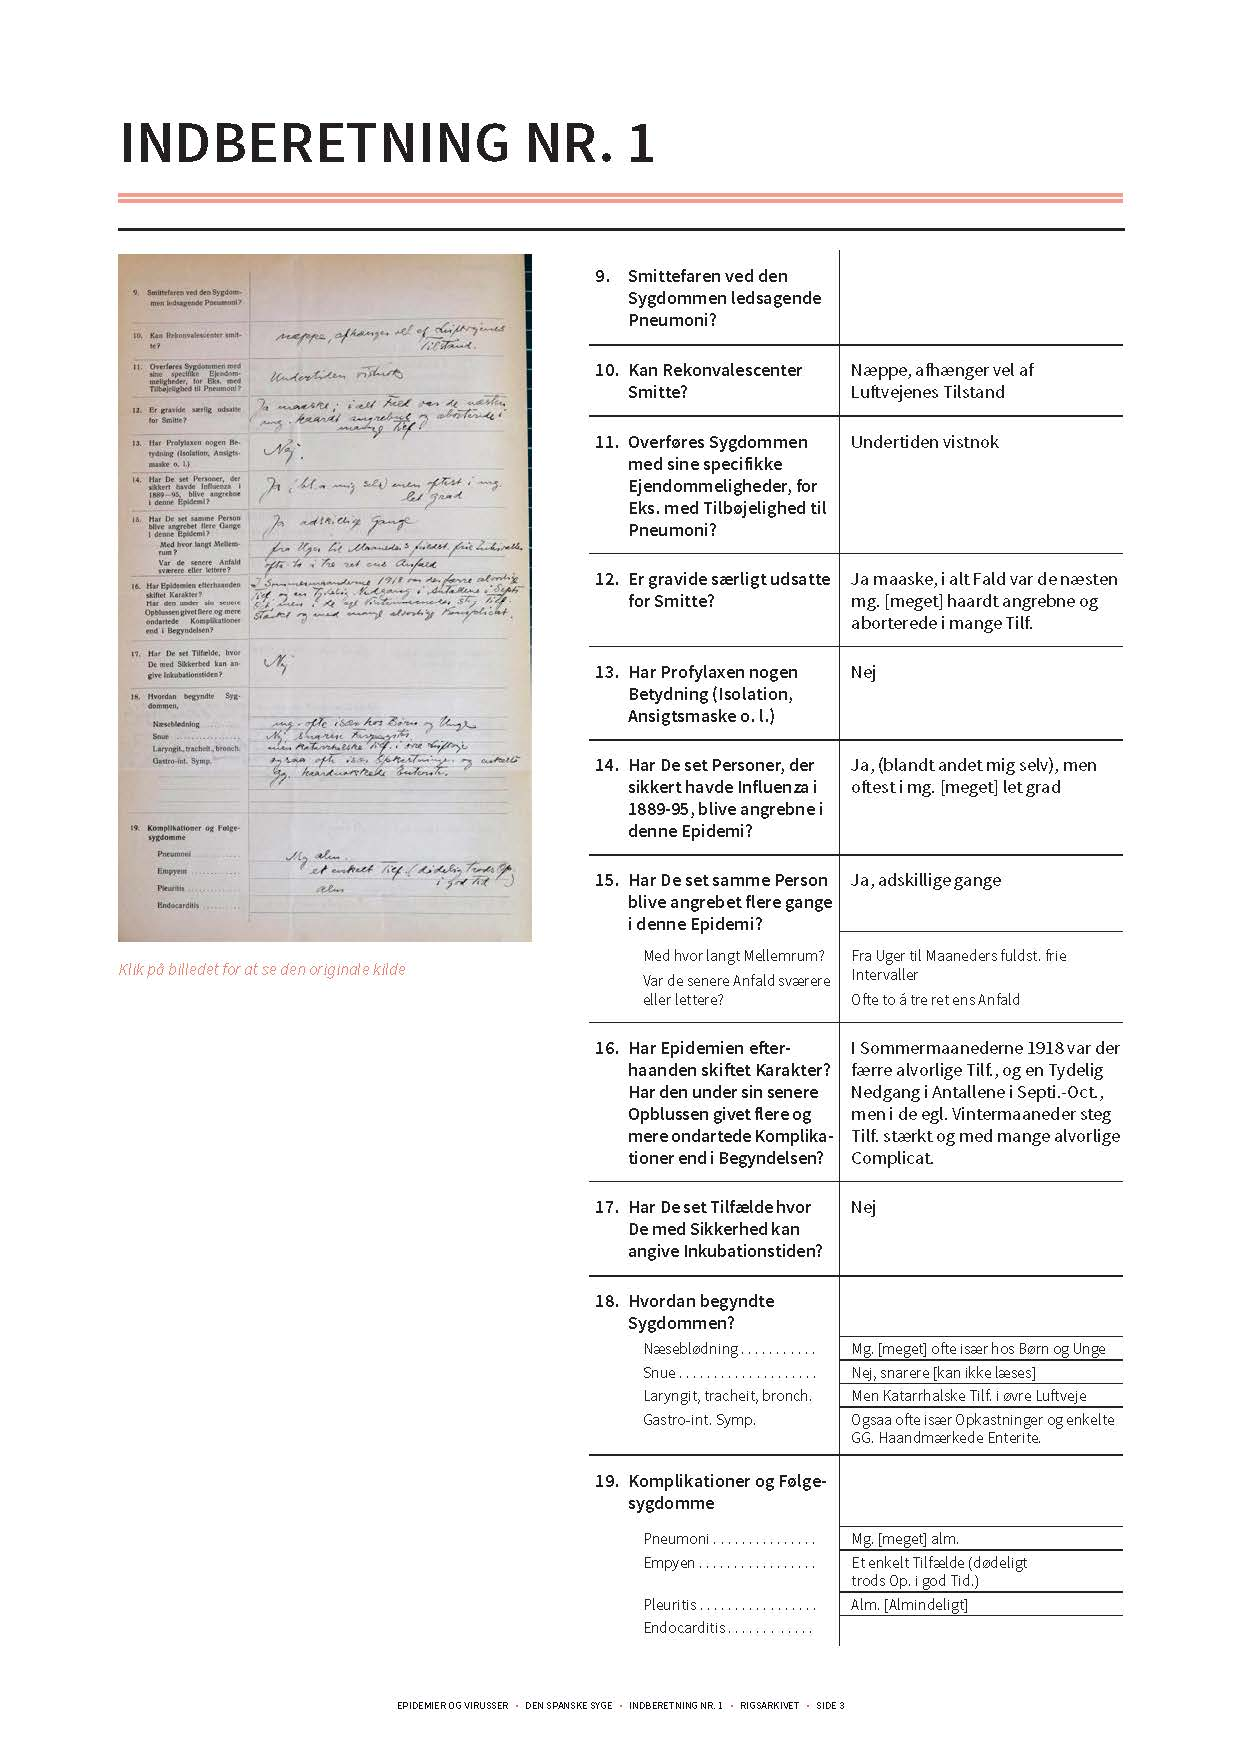 Gengivelse af original indberetning om den spanske syge side 2 og transskription heraf.